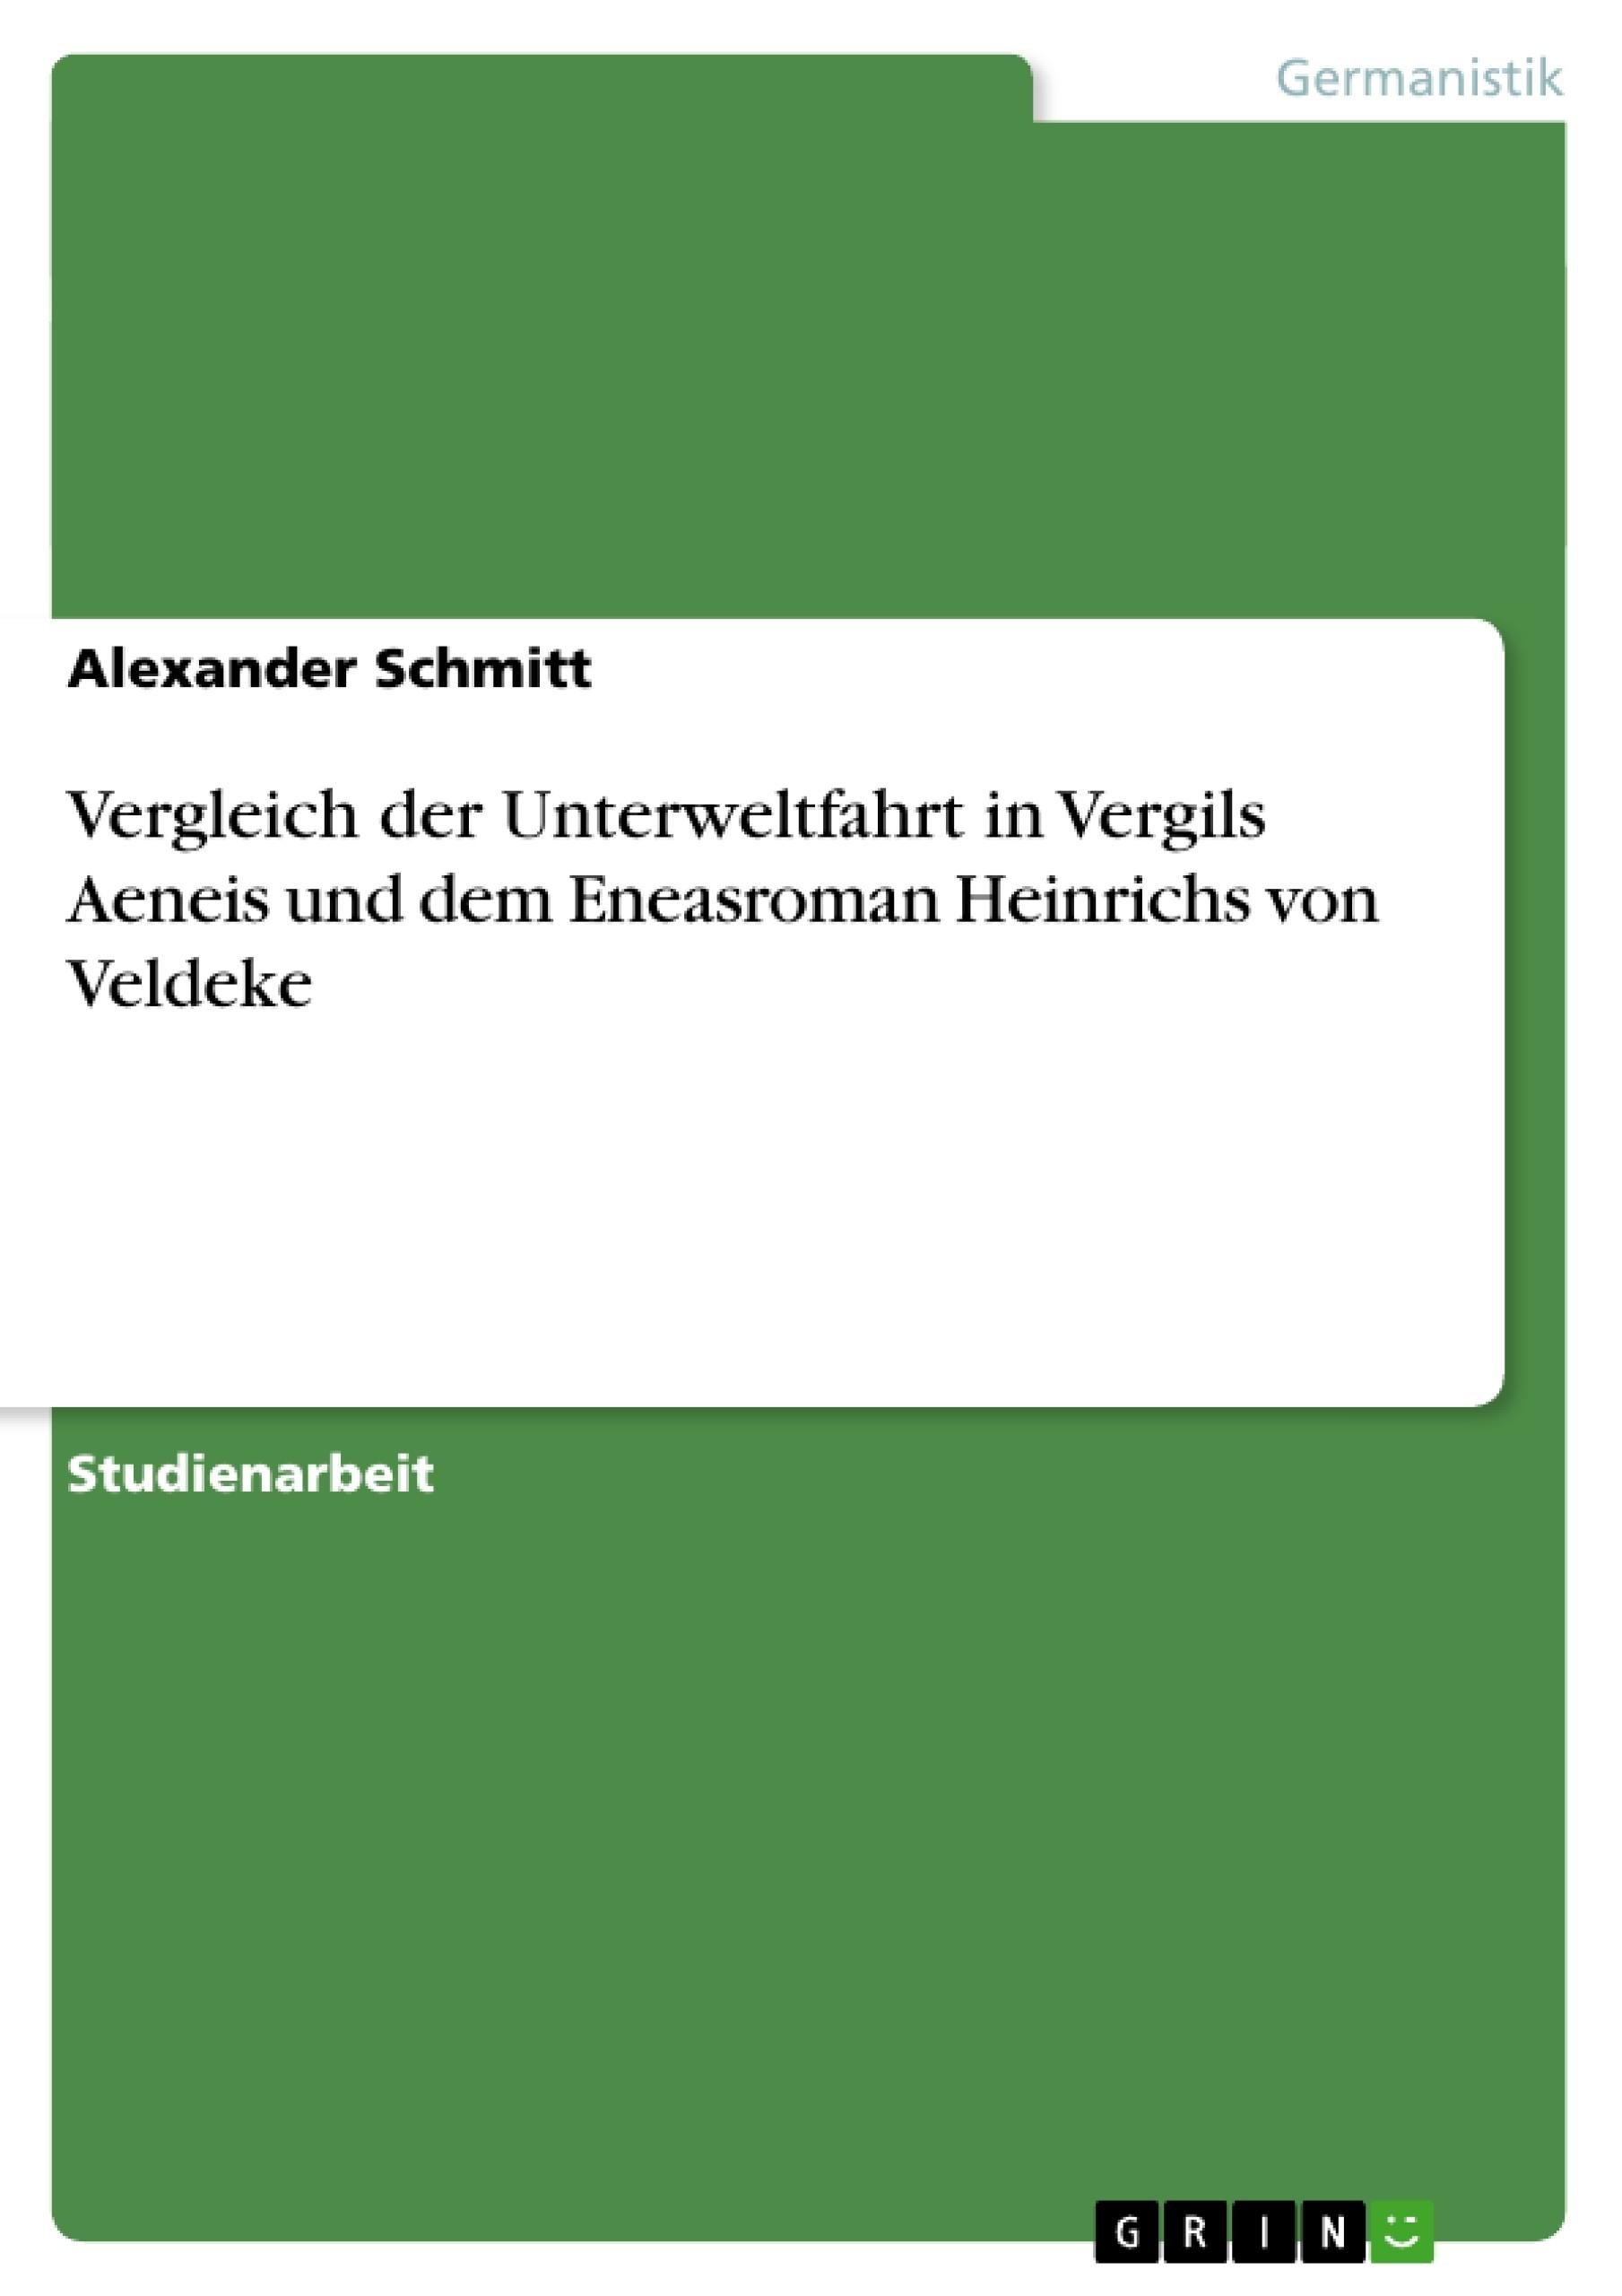 Titel: Vergleich der Unterweltfahrt in Vergils Aeneis und dem Eneasroman Heinrichs von Veldeke